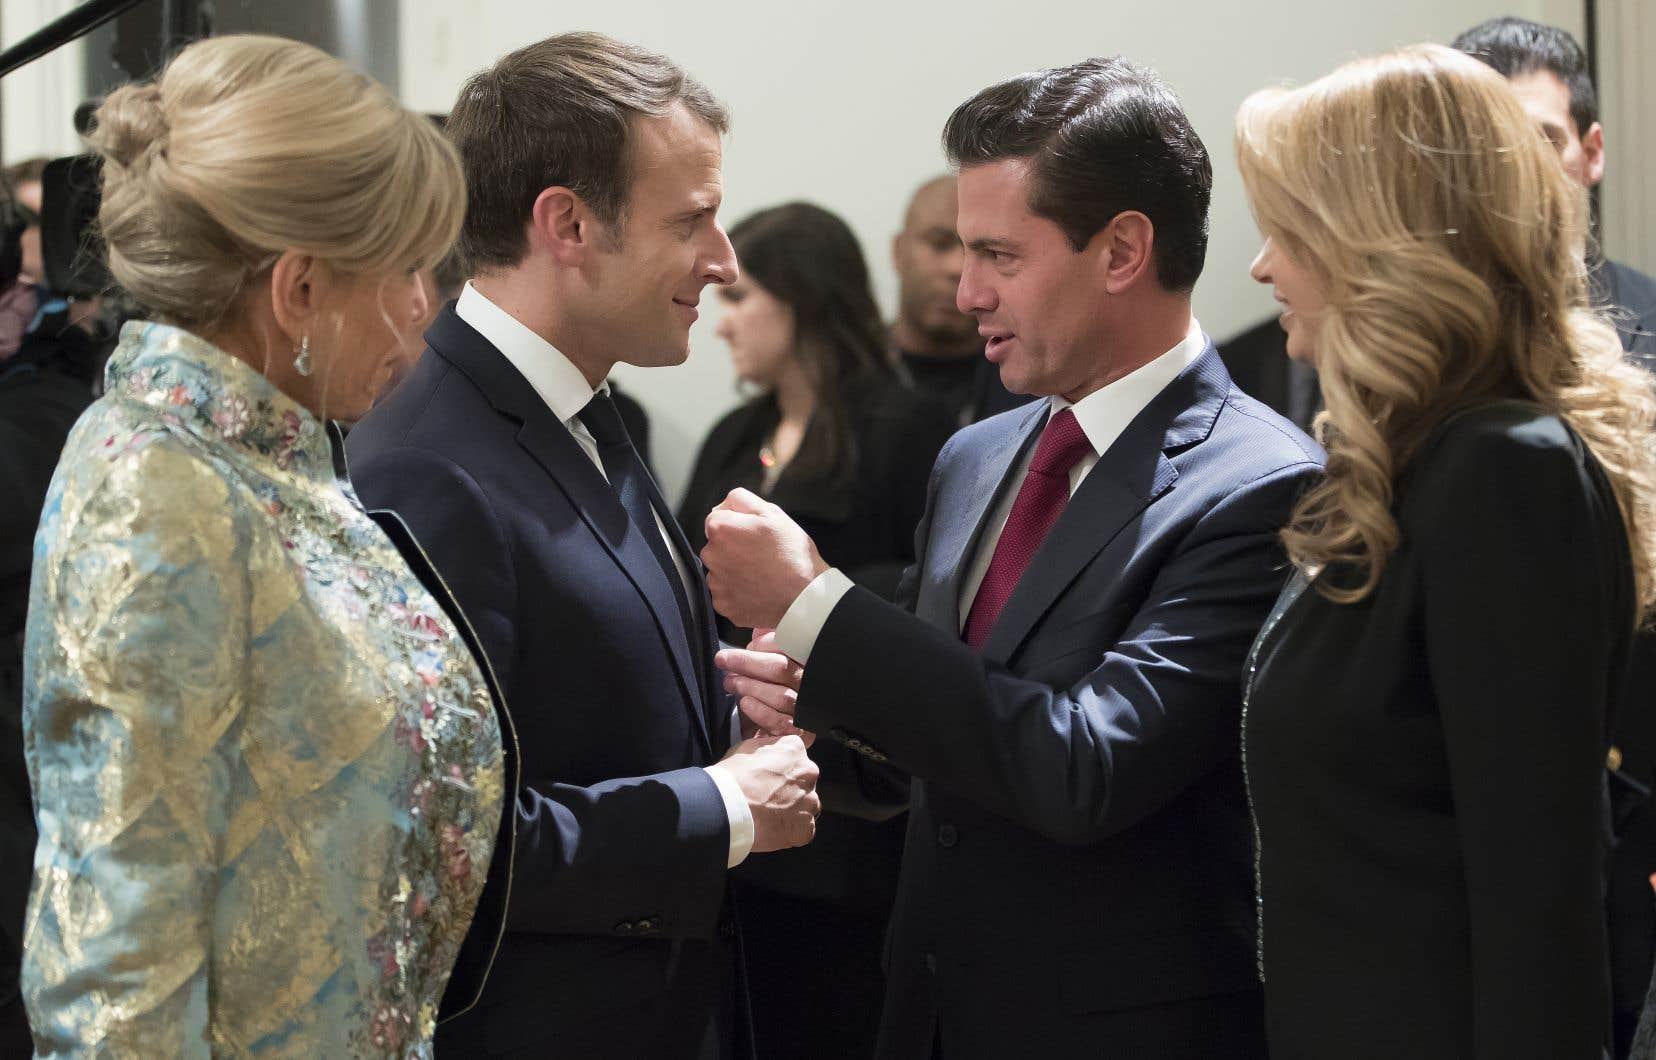 Le président français, Emmanuel Macron, a lancé l'idée du «One Planet summit».